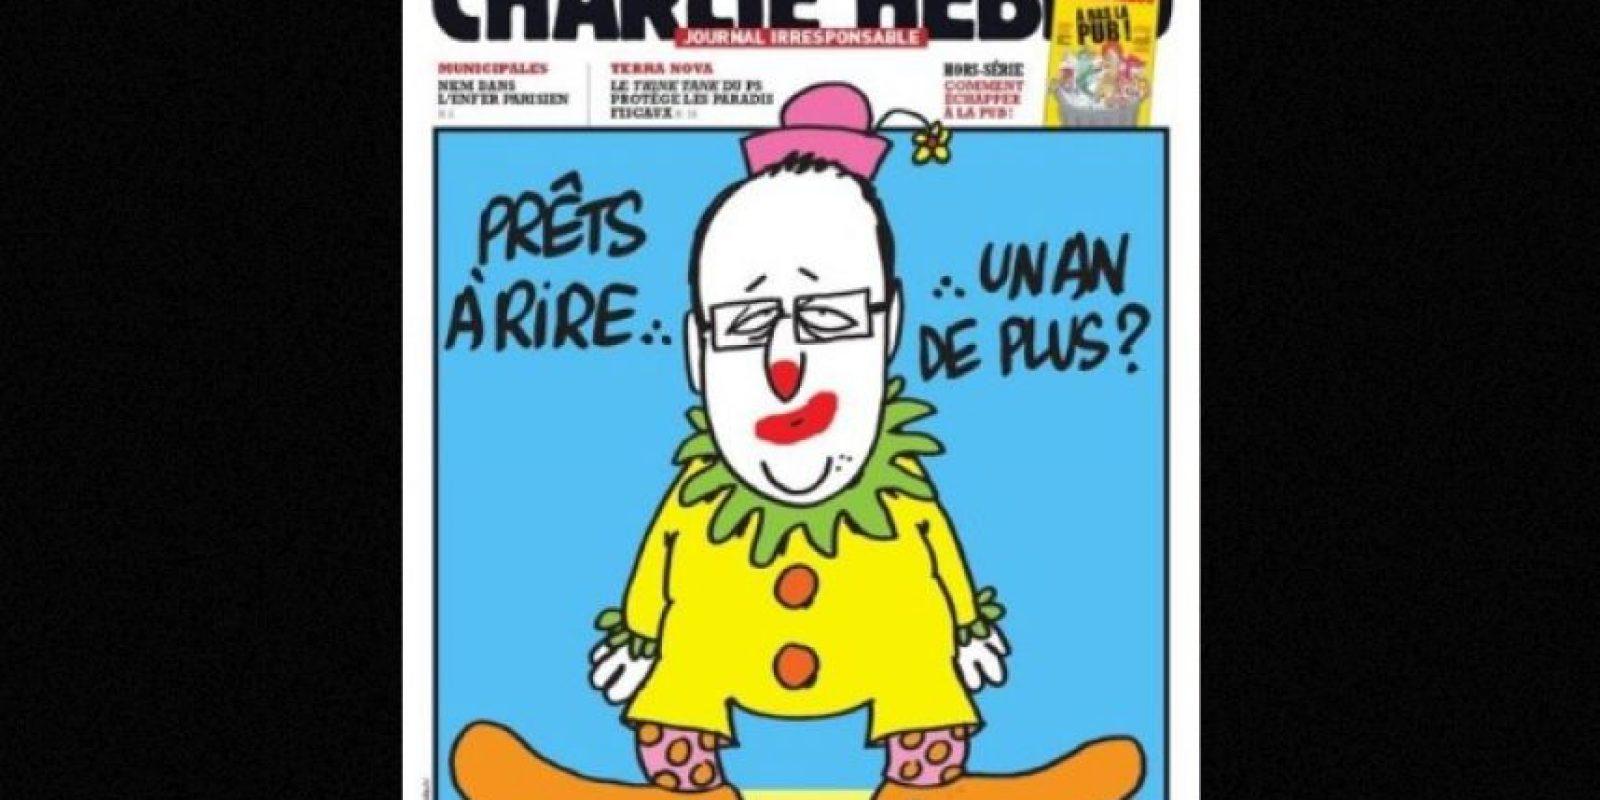 También se burlaban del presidente Francois Hollande Foto:Facebook: Charlie Hebdo Officiel